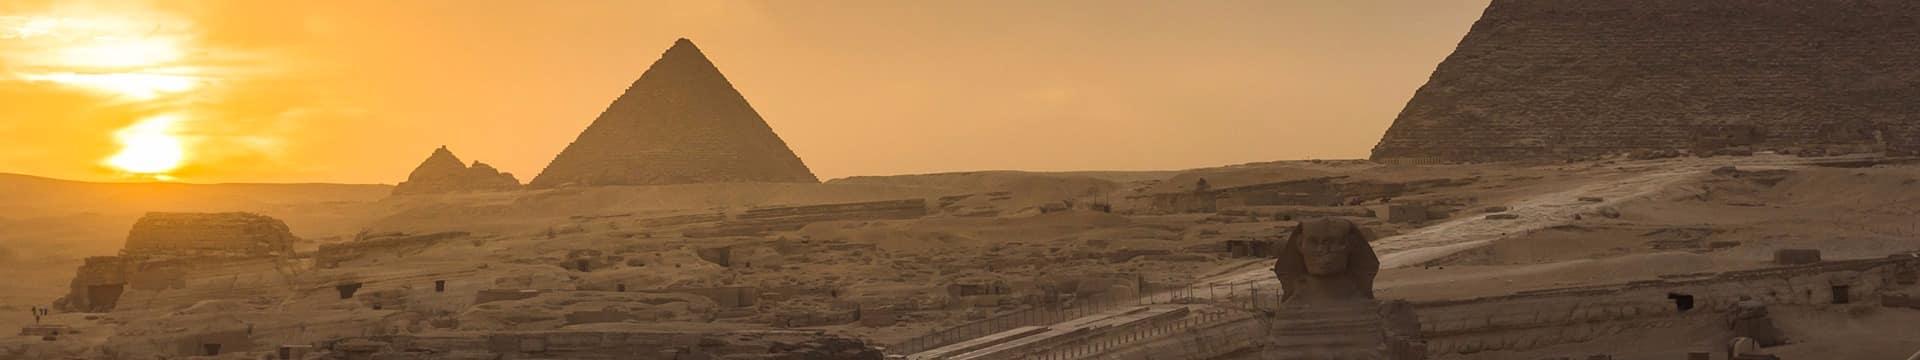 Pirâmides de Gizé, região do Cairo.